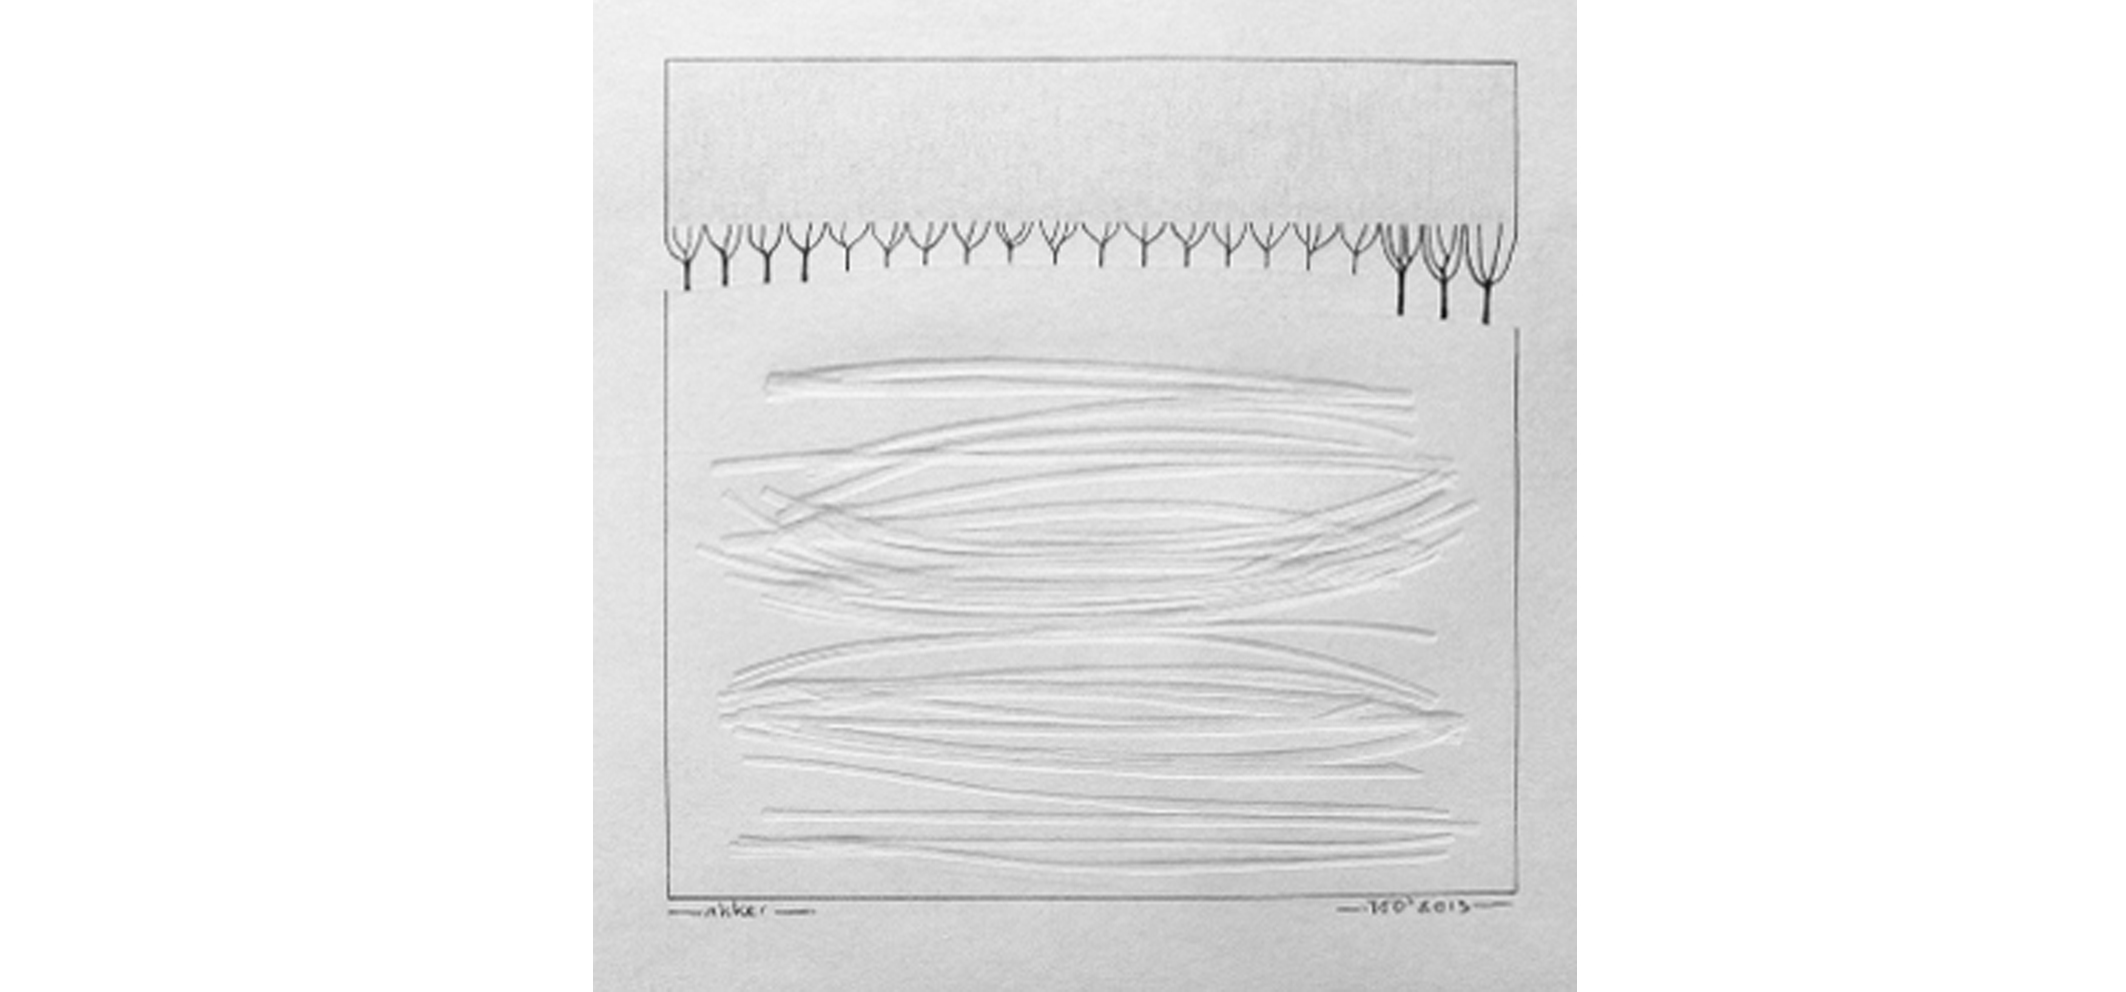 Akker, 2013 (blinddruk, potlood) 21cm x 21cm (verkocht)